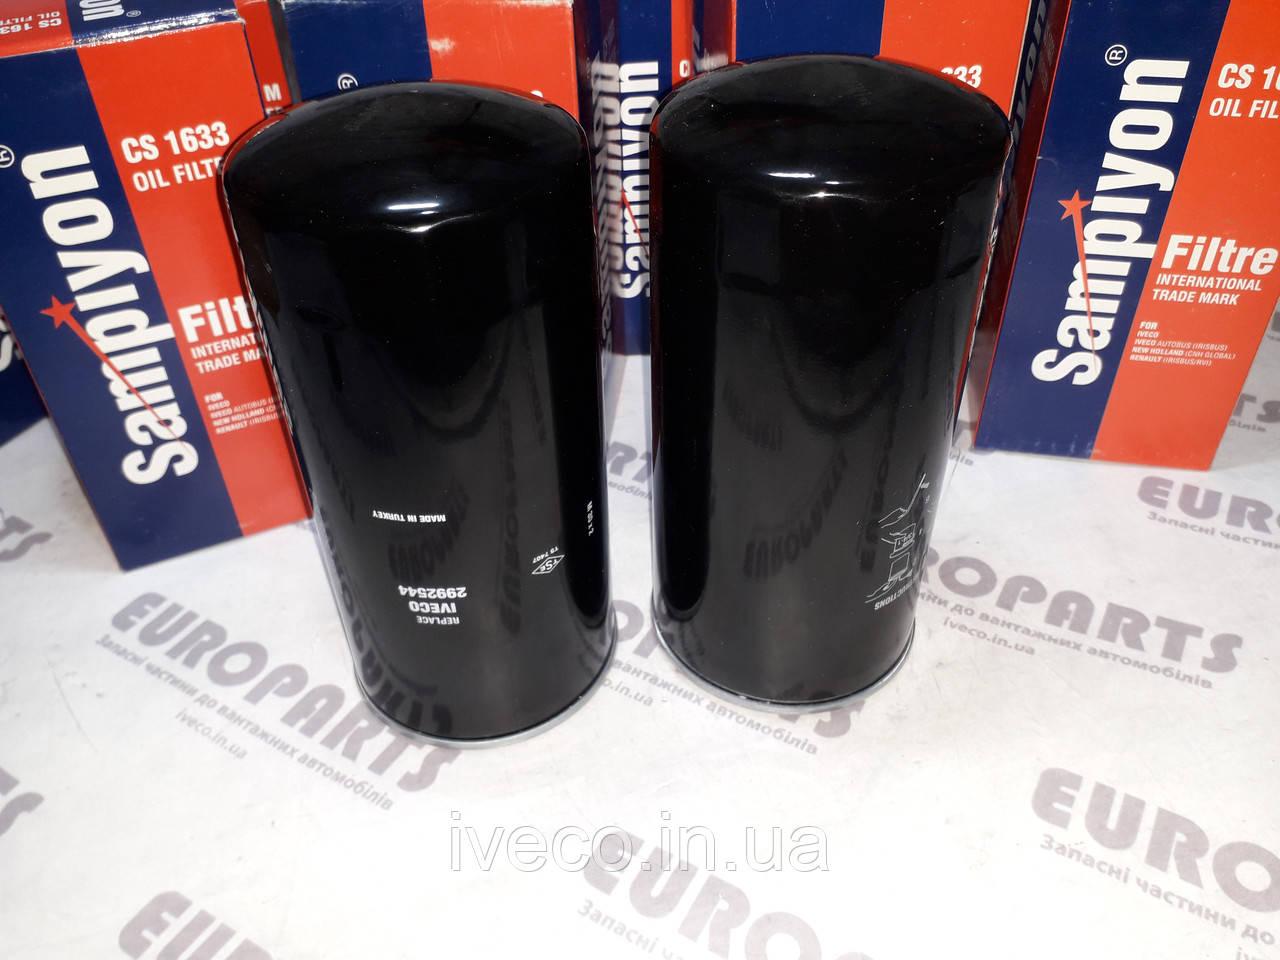 Фильтр маcляный Iveco Trakker Stralis Eurotech EuroTrakker ASTRA HD  Ивеко Тракер Стралис Cursor 10 13 2992544